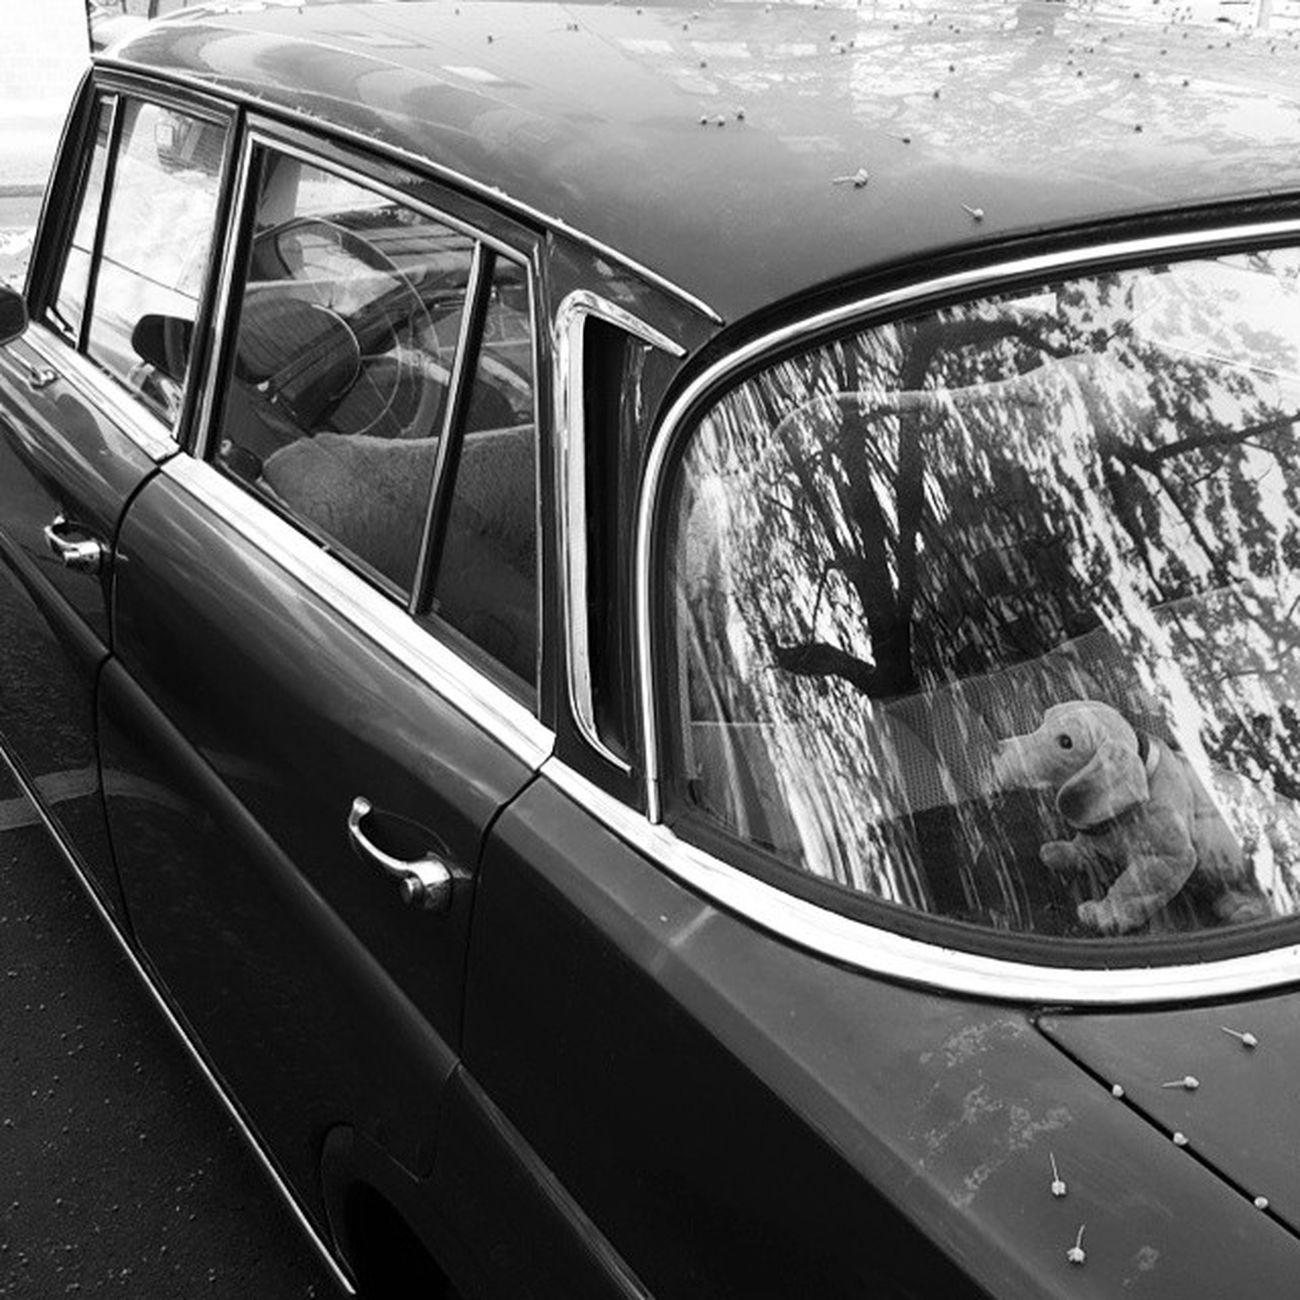 Benz mit Hund Altekarrenbattle Mercedes Mercedesbenz Berlin Moabit